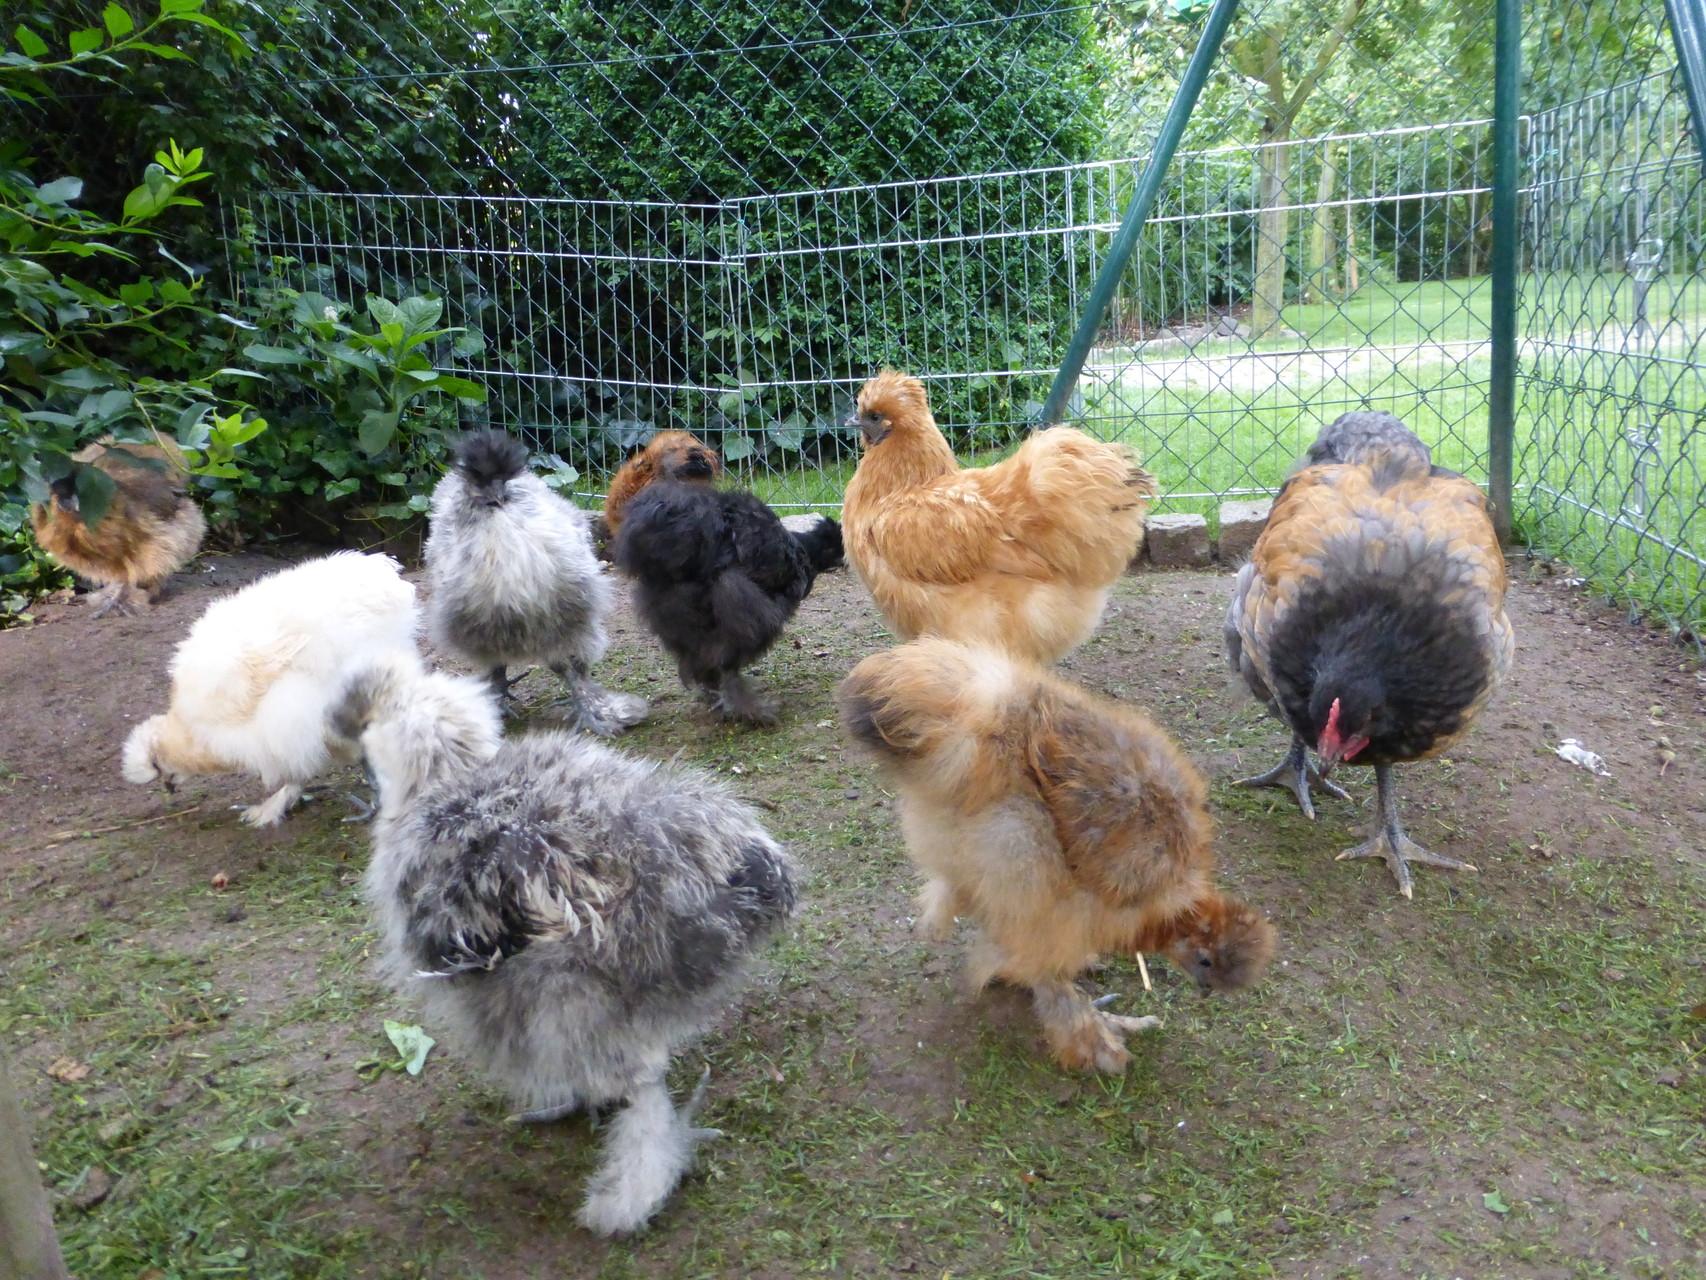 Die ersten beginnen zart zu krähen. Es sind 3 Hühner und 4 Hähne.